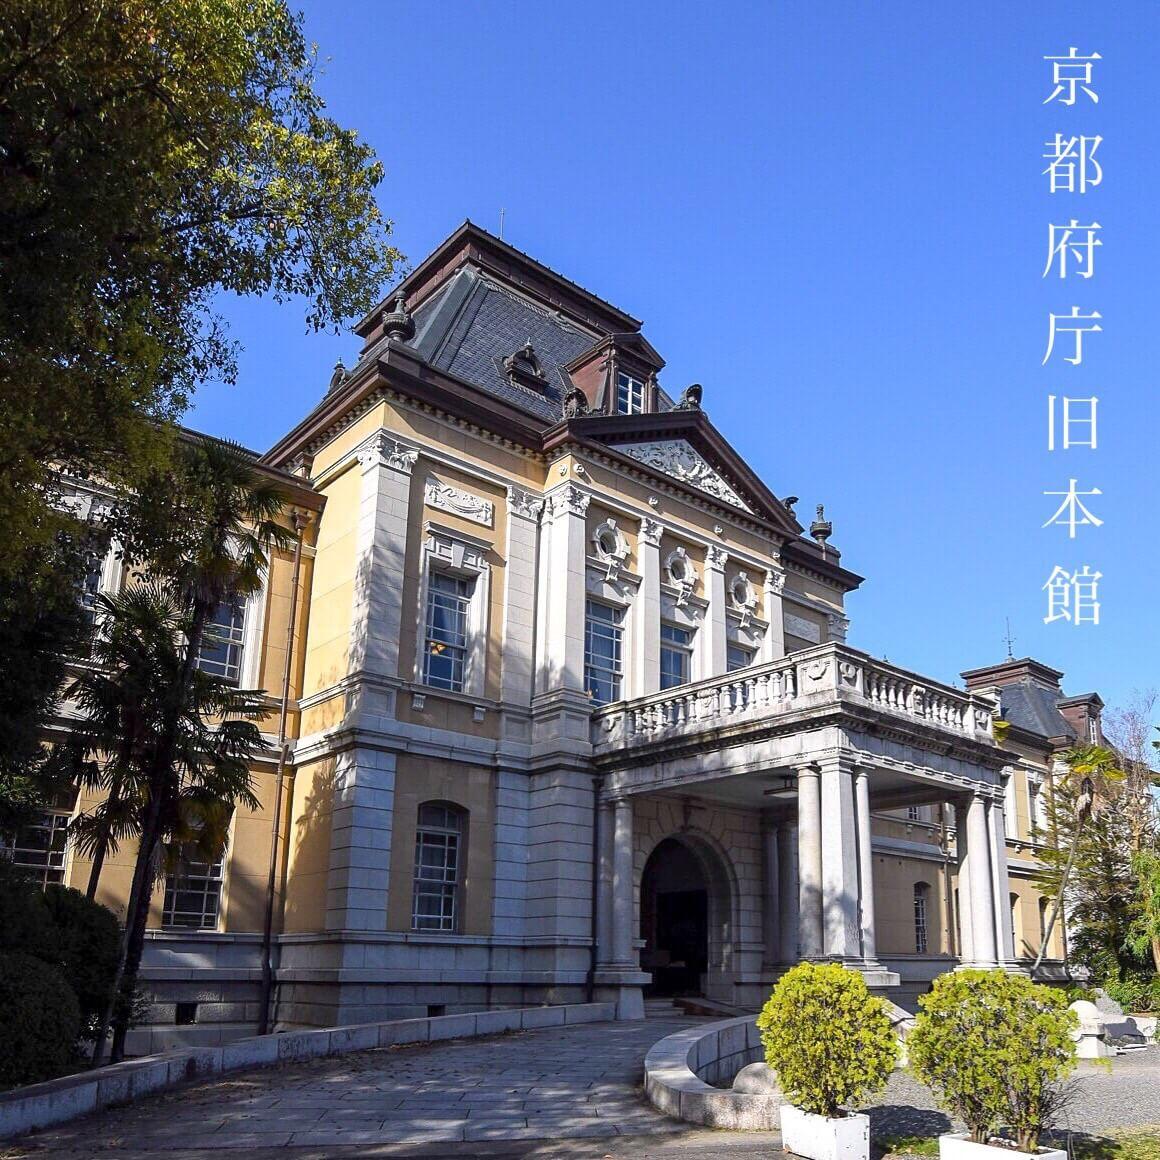 京都府庁旧本館は、明治建築の巨匠 \u201c辰野金吾\u201d の弟子である、 \u201c松室重光\u201d の設計で1904年(明治37年)に建てられました。松室重光は京都府技師として社寺建築の保存・